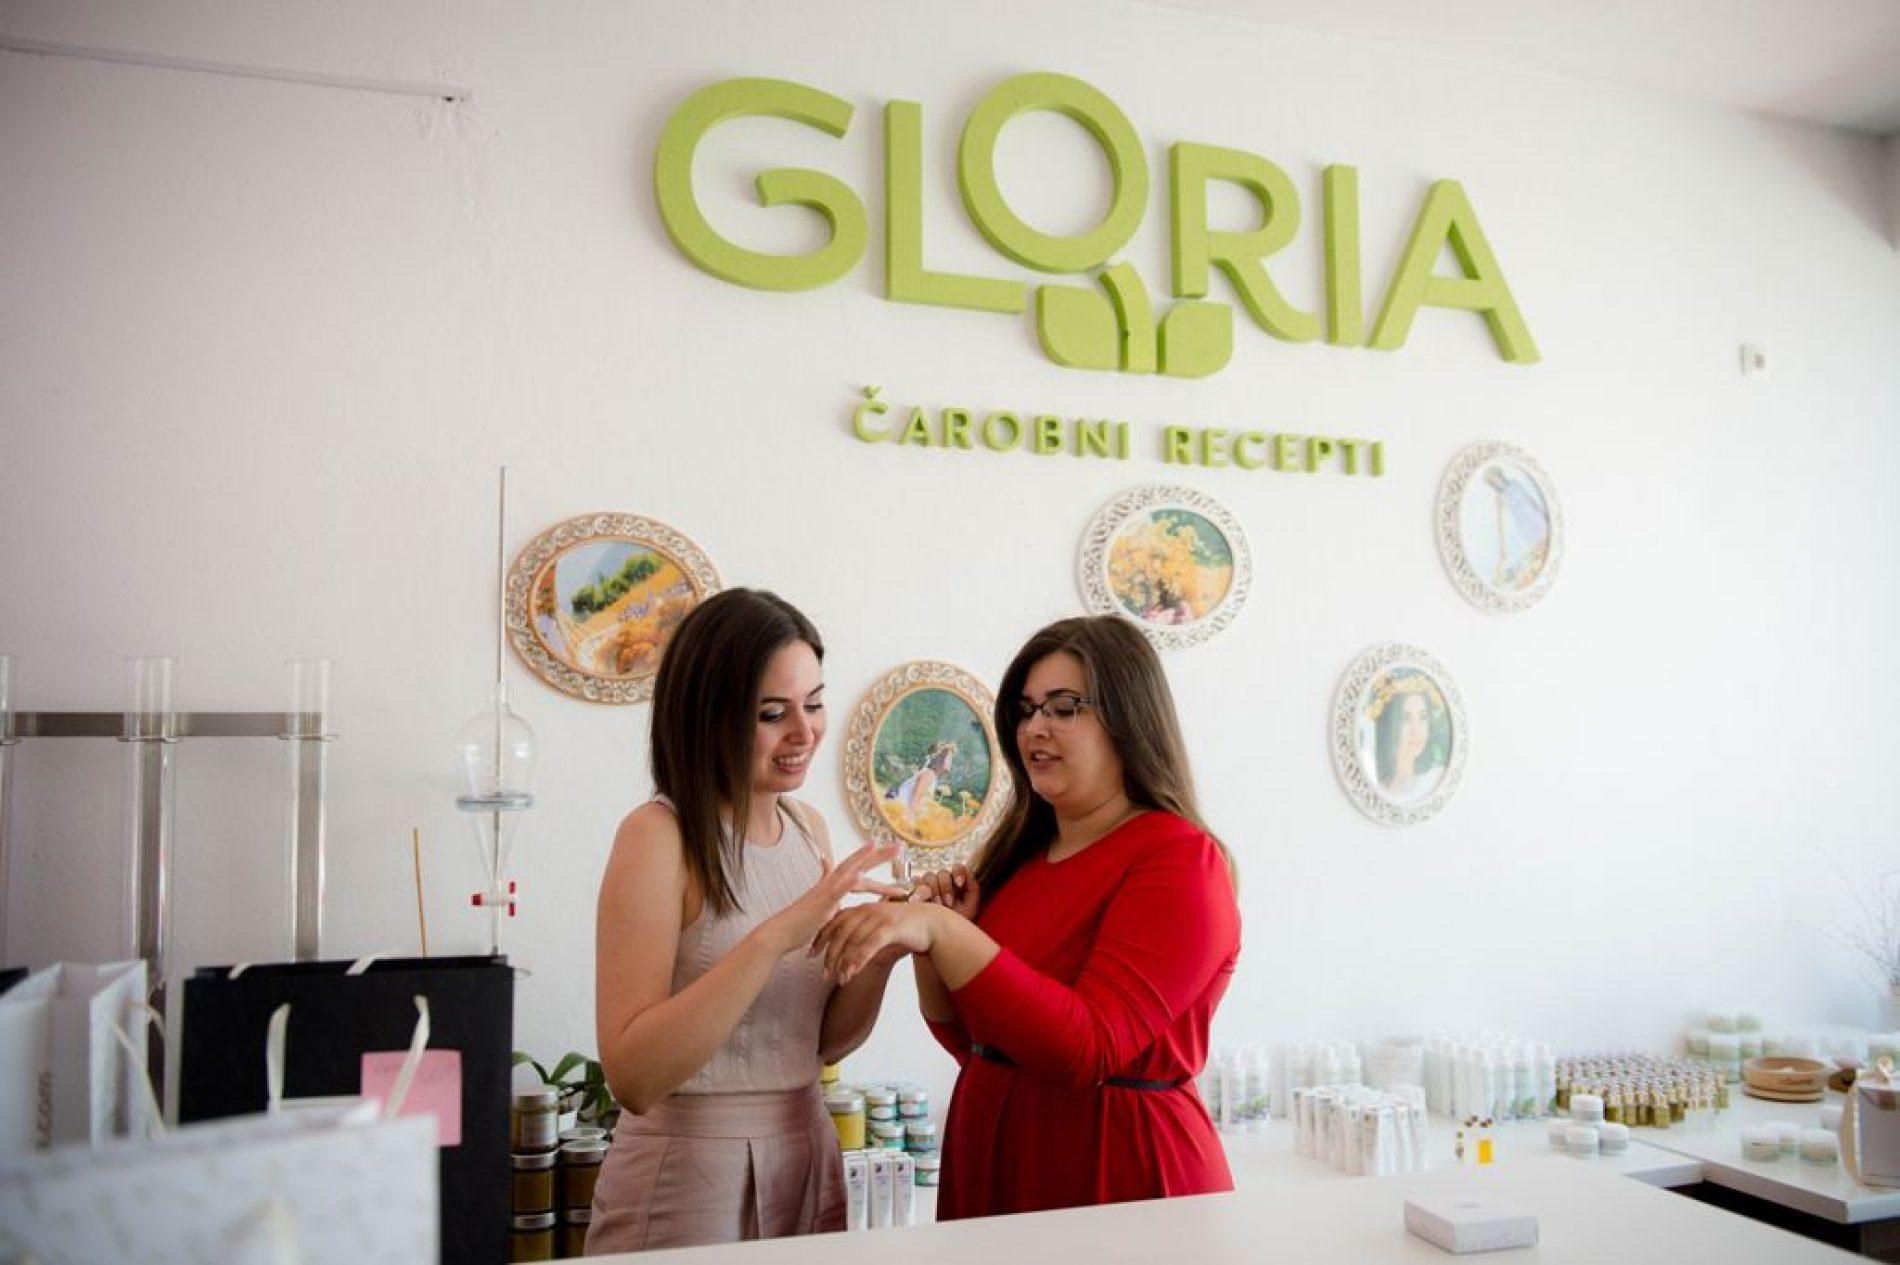 Prirodna kozmetika, bazirana na hercegovačkom smilju, postala prepoznatljiva na brojnim tržištima